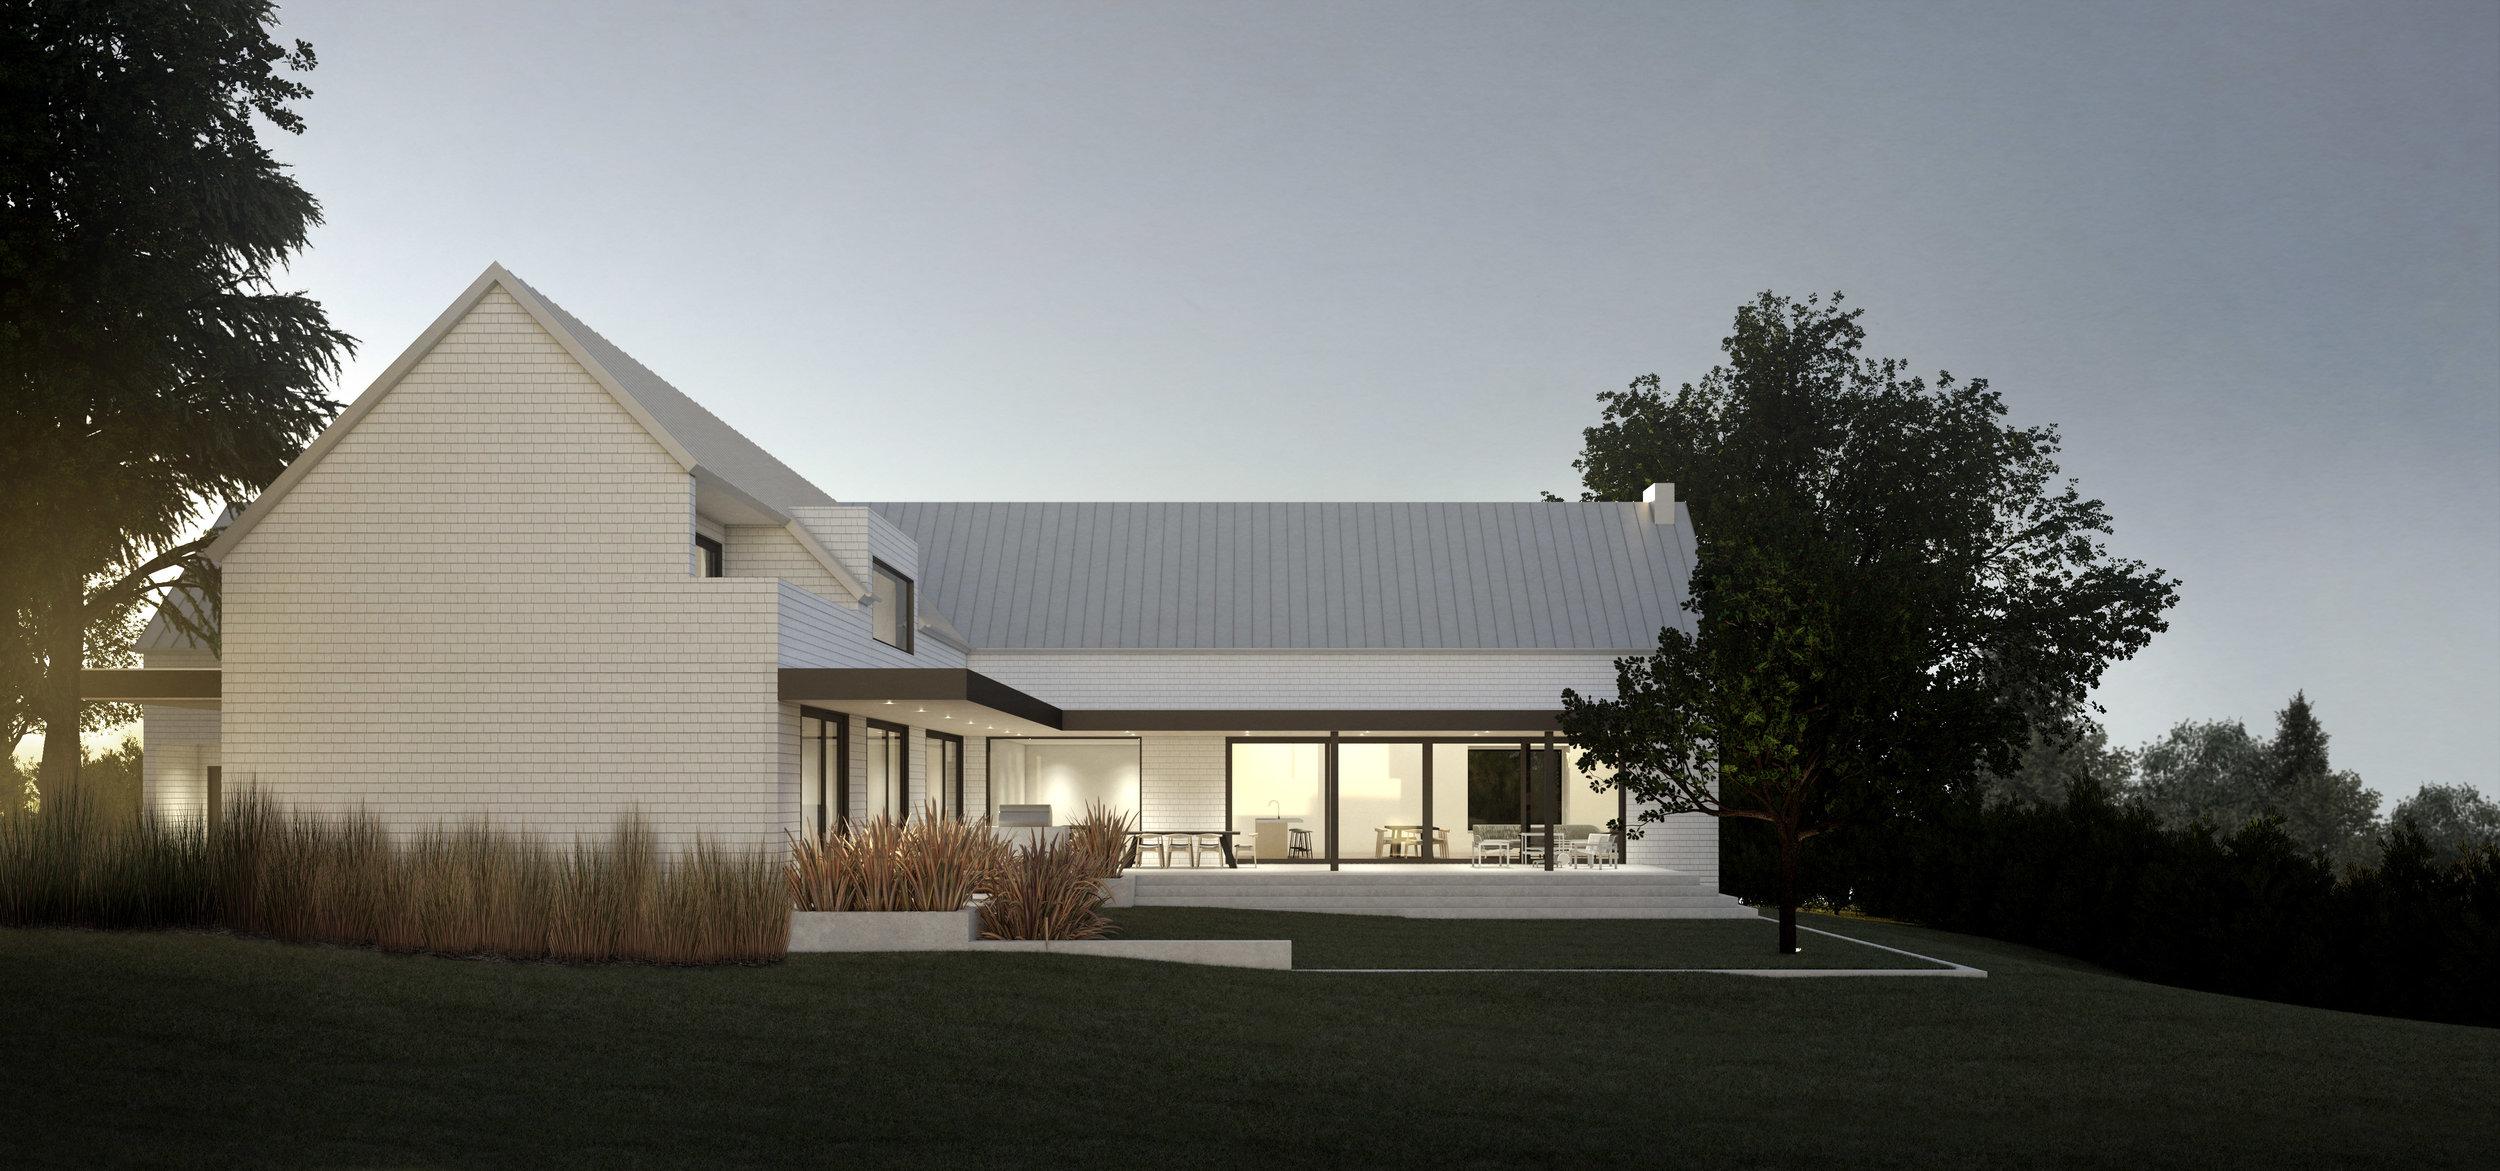 Location: Oak Bay, BC / Size: 900 sq m / Status: Design